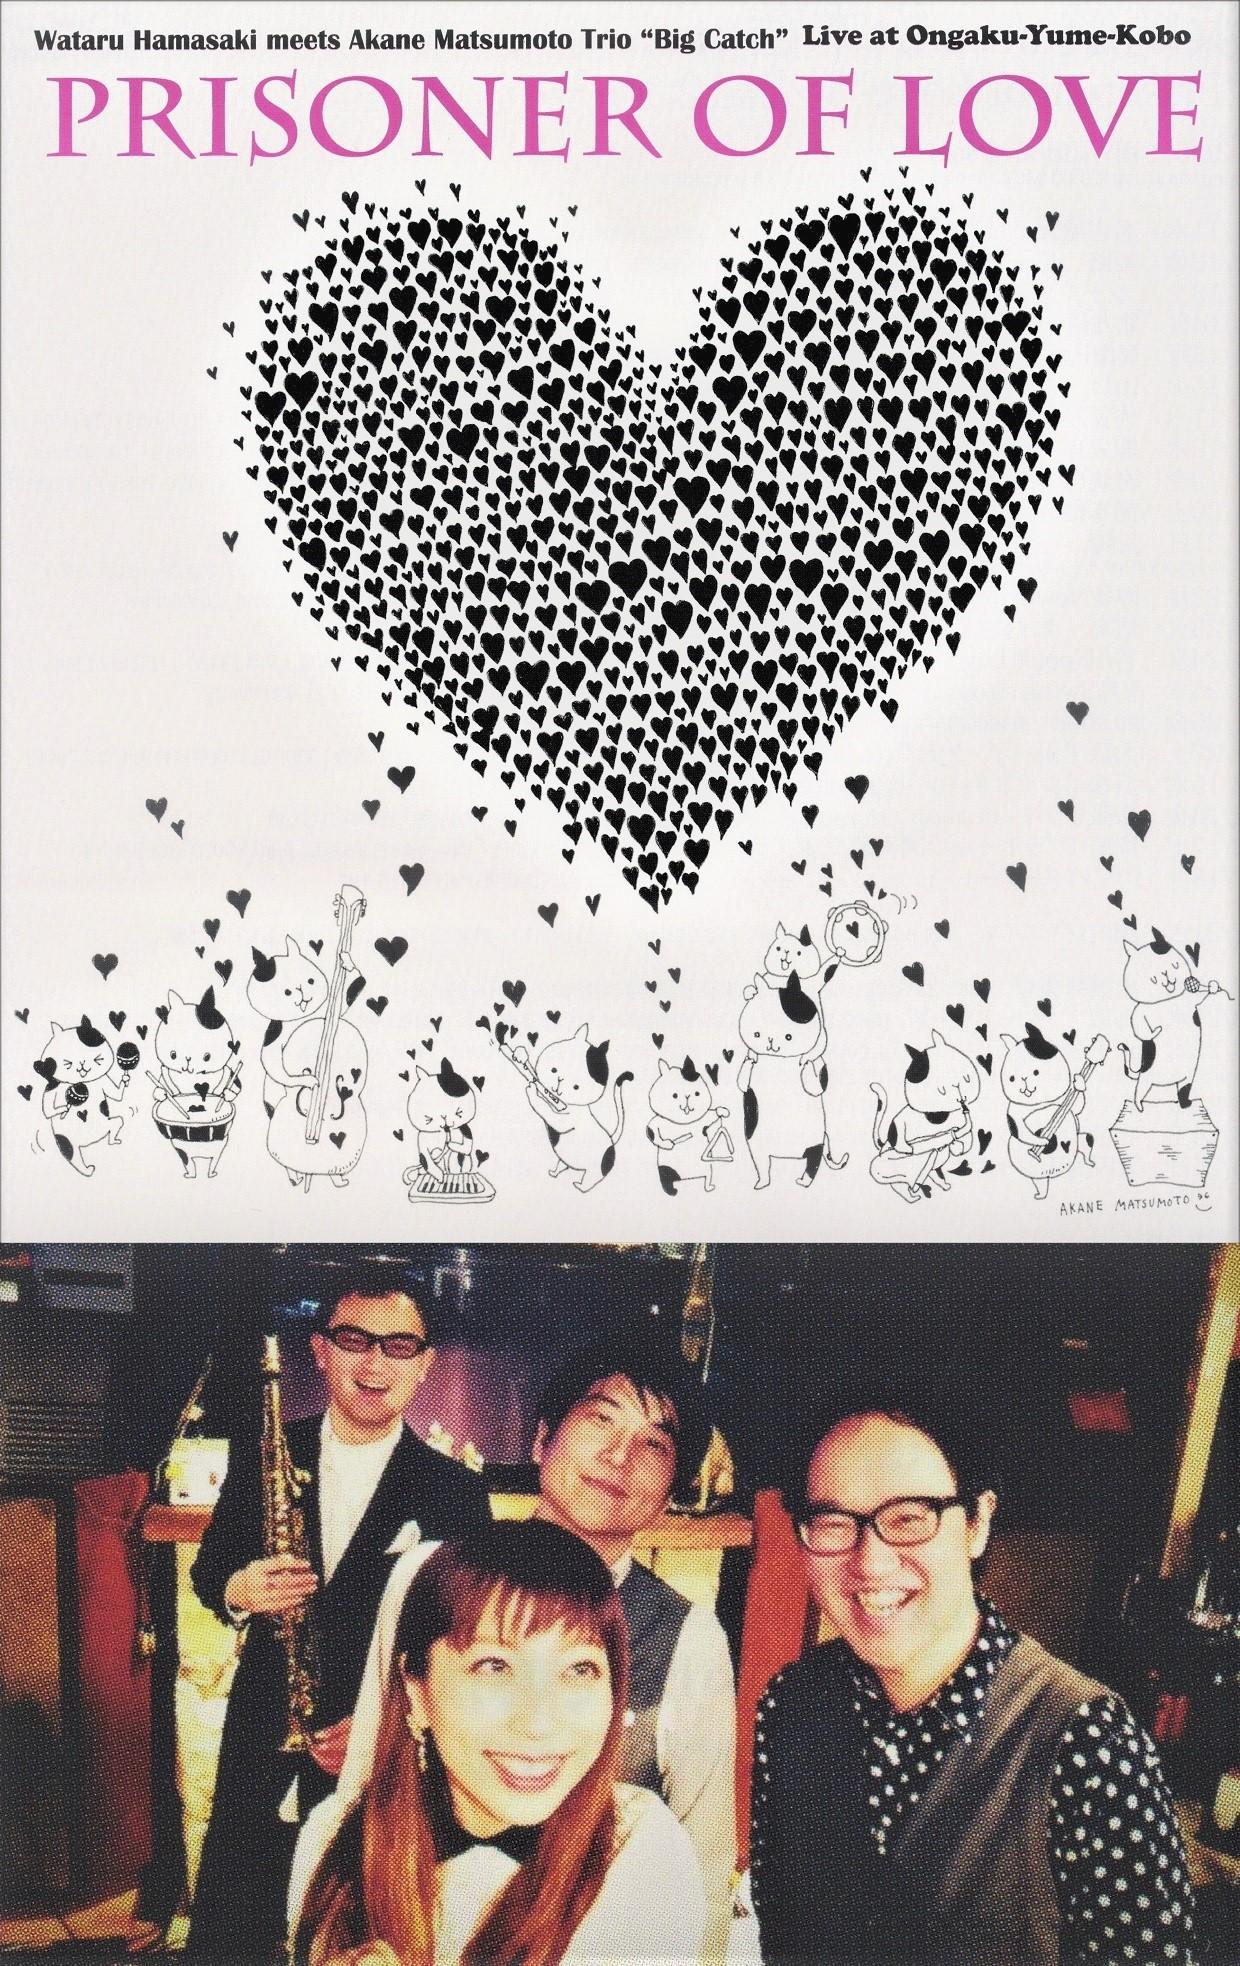 """浜崎航meet松本茜trio  """"Prisoner of Love"""" 発売記念ツアー"""